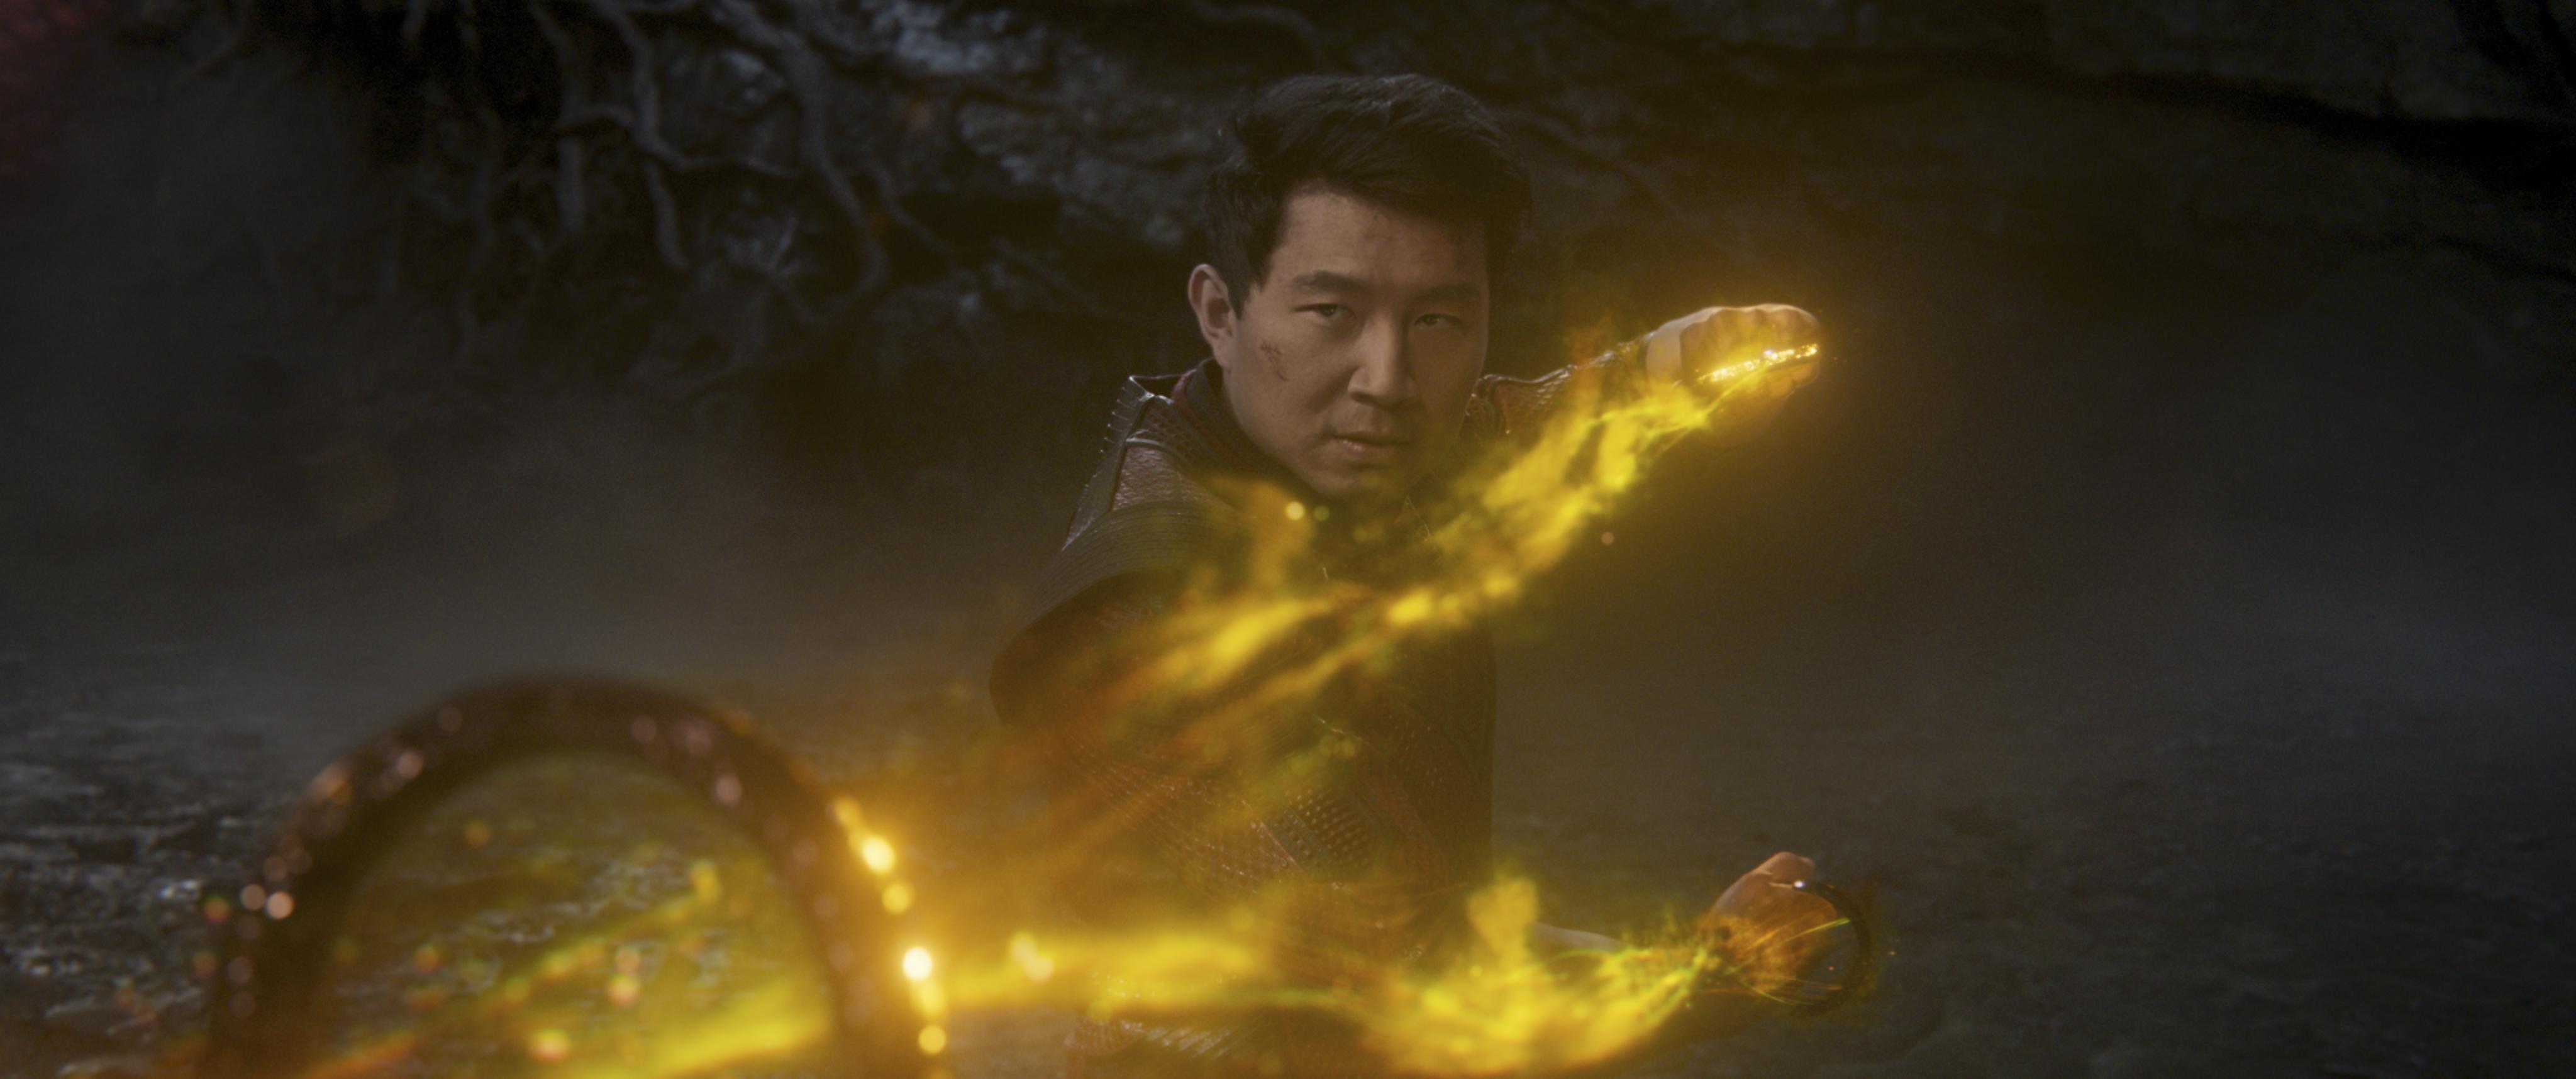 """Confira o novo trailer de """"Shang-Chi e a Lenda dos Dez Anéis"""""""